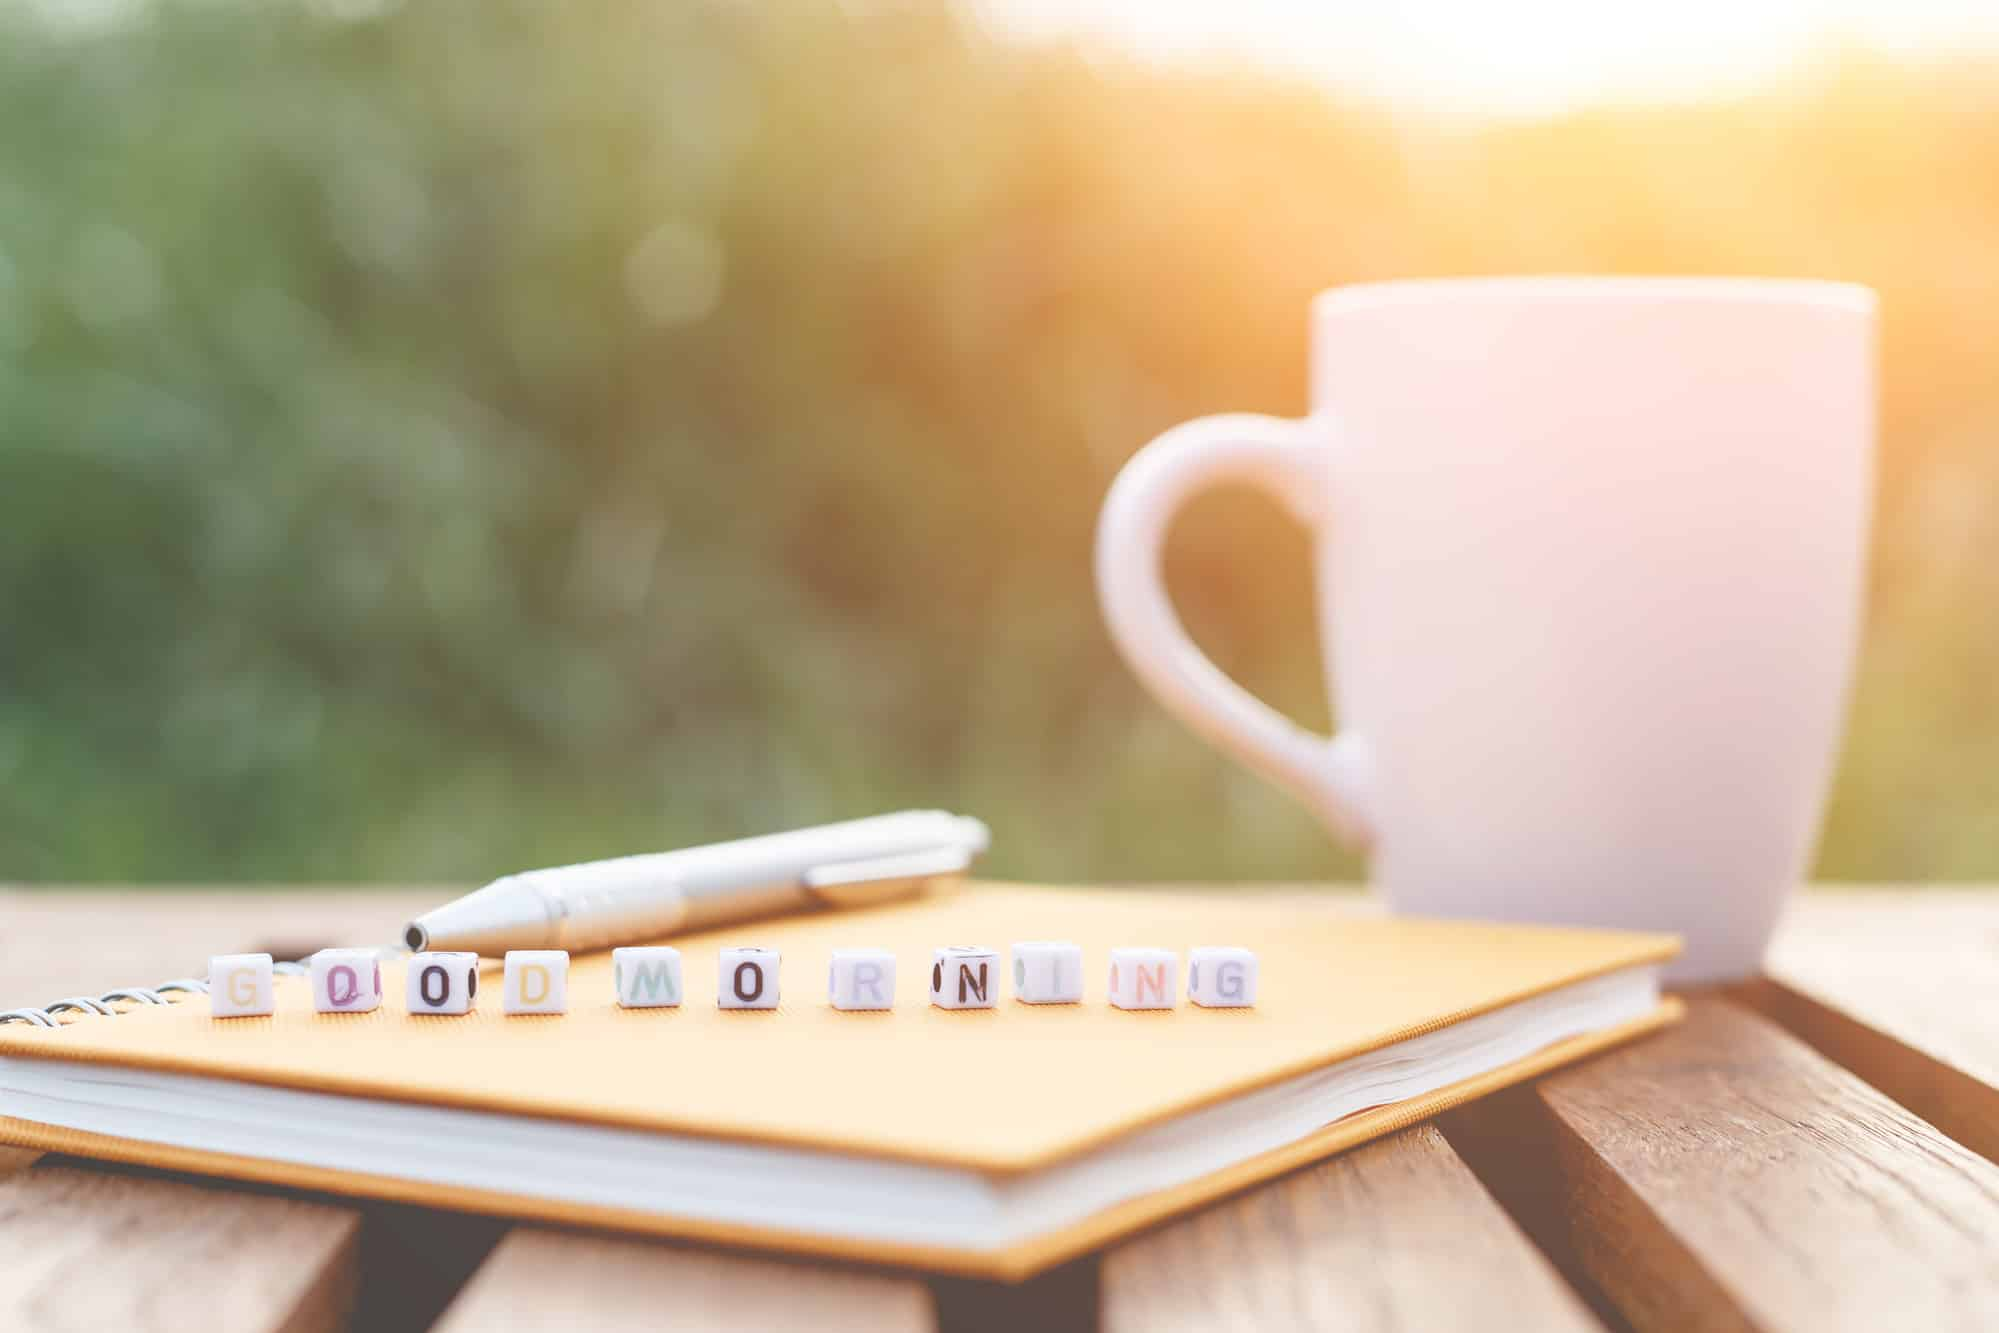 Guten Morgen Sprüche Für Den Start In Den Tag 4 Tipps 40